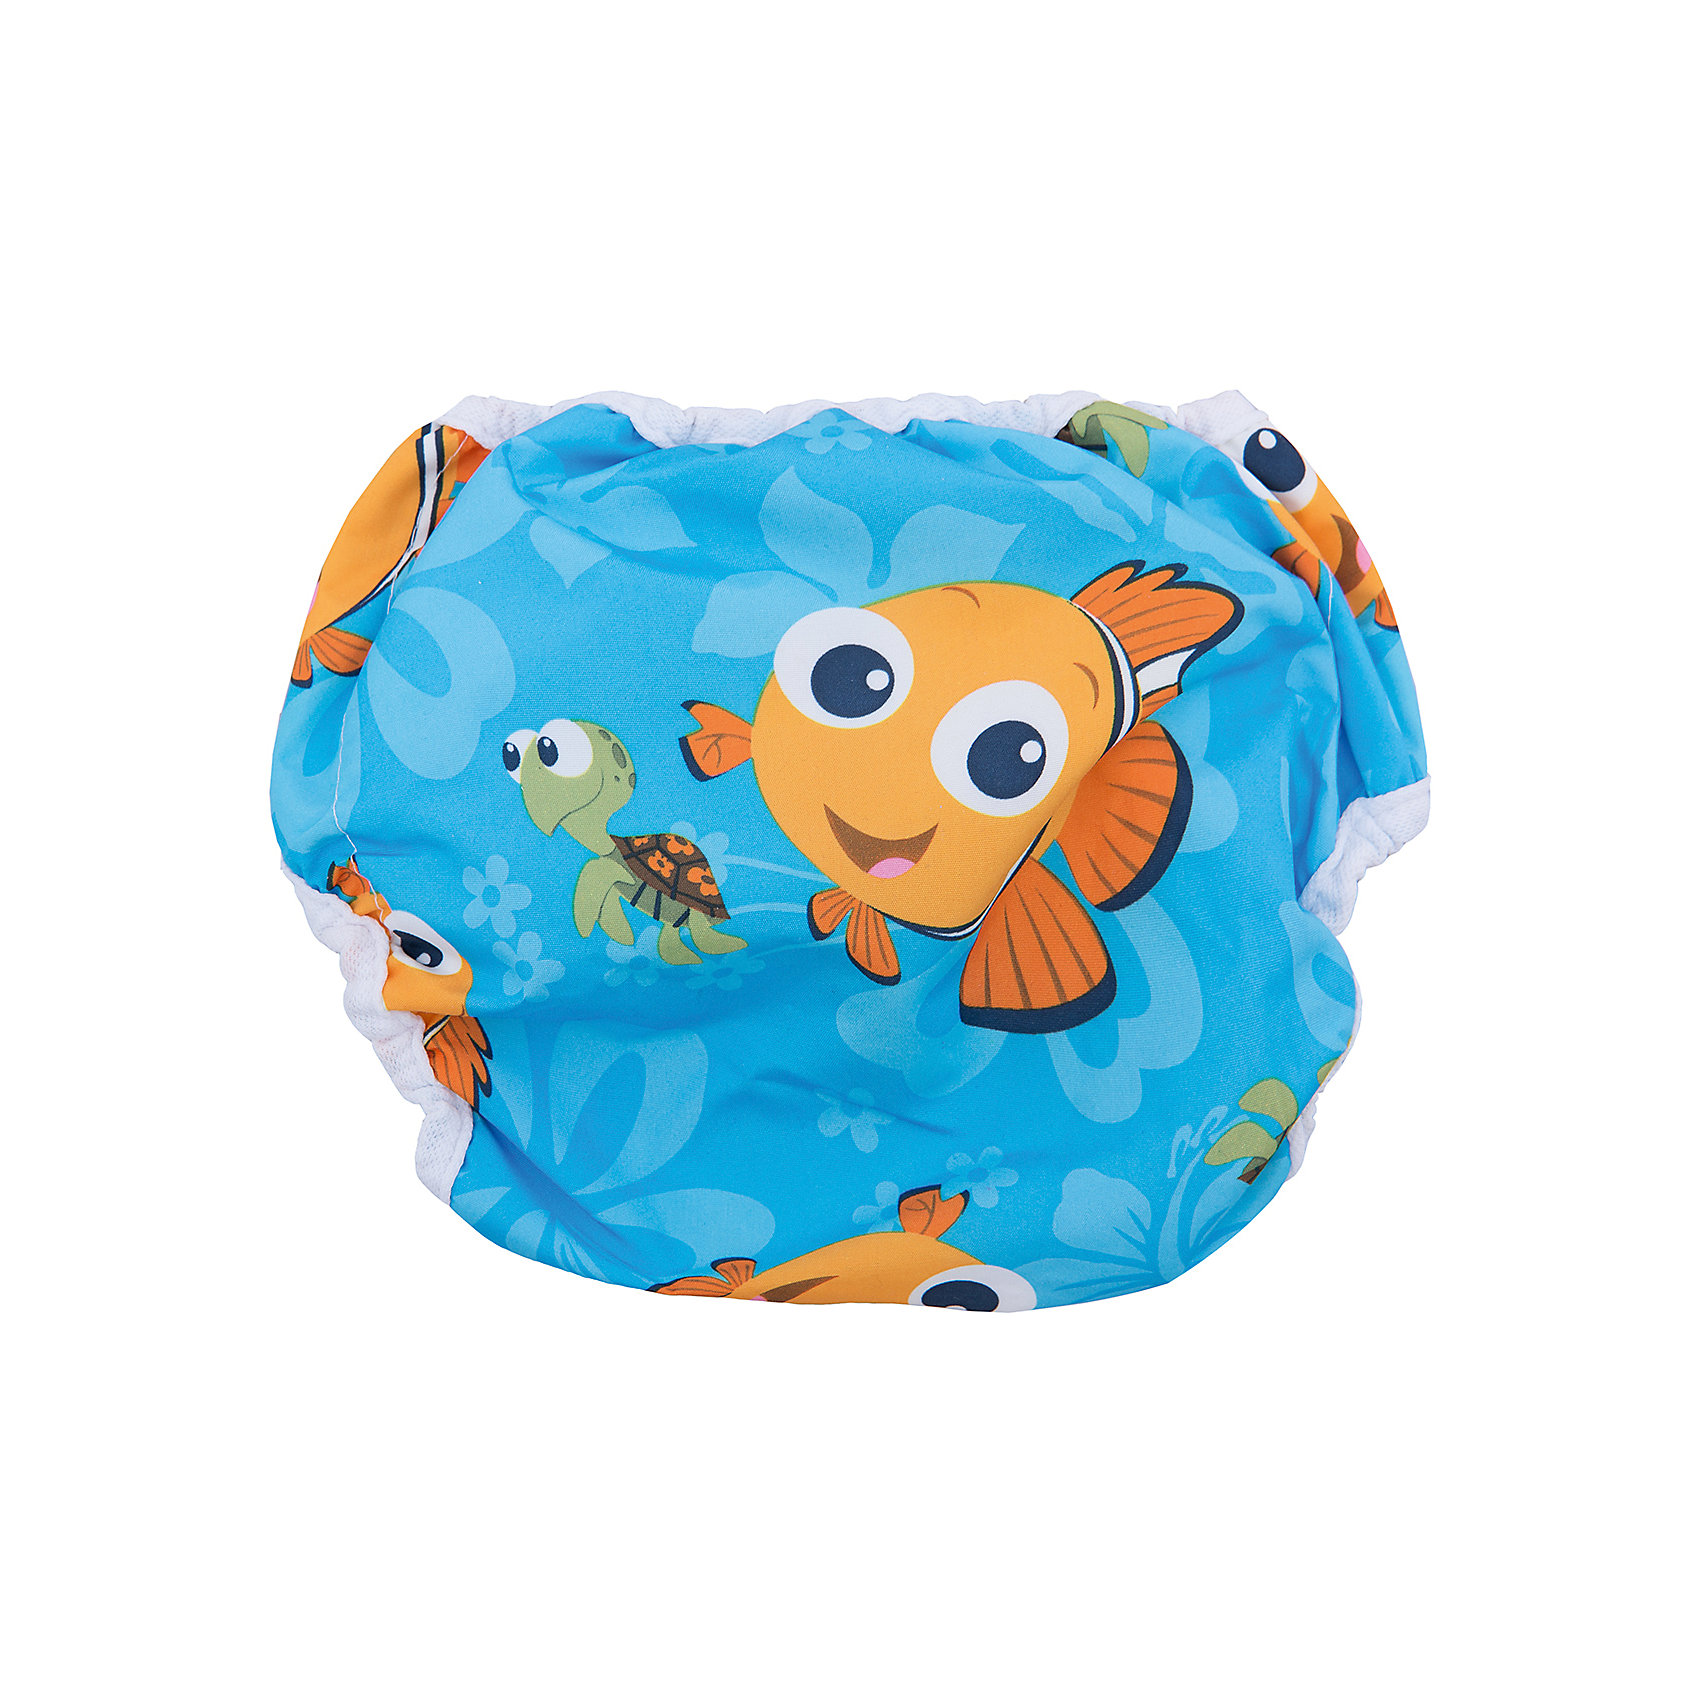 Мульти-дайперсы Рыбки Немо, А 3-6 кг., Multi Diapers, голубойМульти-дайперсы Кораблики, А 3-6 кг., Multi Diapers, голубой<br><br>Характеристики:<br><br>-Для детей весом от 3 до 6 кг<br>-Непромокаемый слой<br>-Карман для сменного вкладыша<br><br>Мульти-дайперсы Кораблики, А 3-6 кг., Multi Diapers, голубой- это многоразовый подгузник, который отлично подойдет для ухода за вашим ребёнком. Он имеет внутренний барьерный слой, который отводит влагу от тела. Благодаря материалу подгузника, воздух будет свободно циркулировать, что защитить кожу ребёнка от опрелостей. Подгузник гигиеничен в применении. А интересный дизайн будет радовать вашего малыша.<br><br>Мульти-дайперсы Кораблики, А 3-6 кг., Multi Diapers, голубой можно приобрести в нашем интернет-магазине.<br><br>Ширина мм: 130<br>Глубина мм: 90<br>Высота мм: 30<br>Вес г: 150<br>Возраст от месяцев: 0<br>Возраст до месяцев: 4<br>Пол: Мужской<br>Возраст: Детский<br>SKU: 5086362